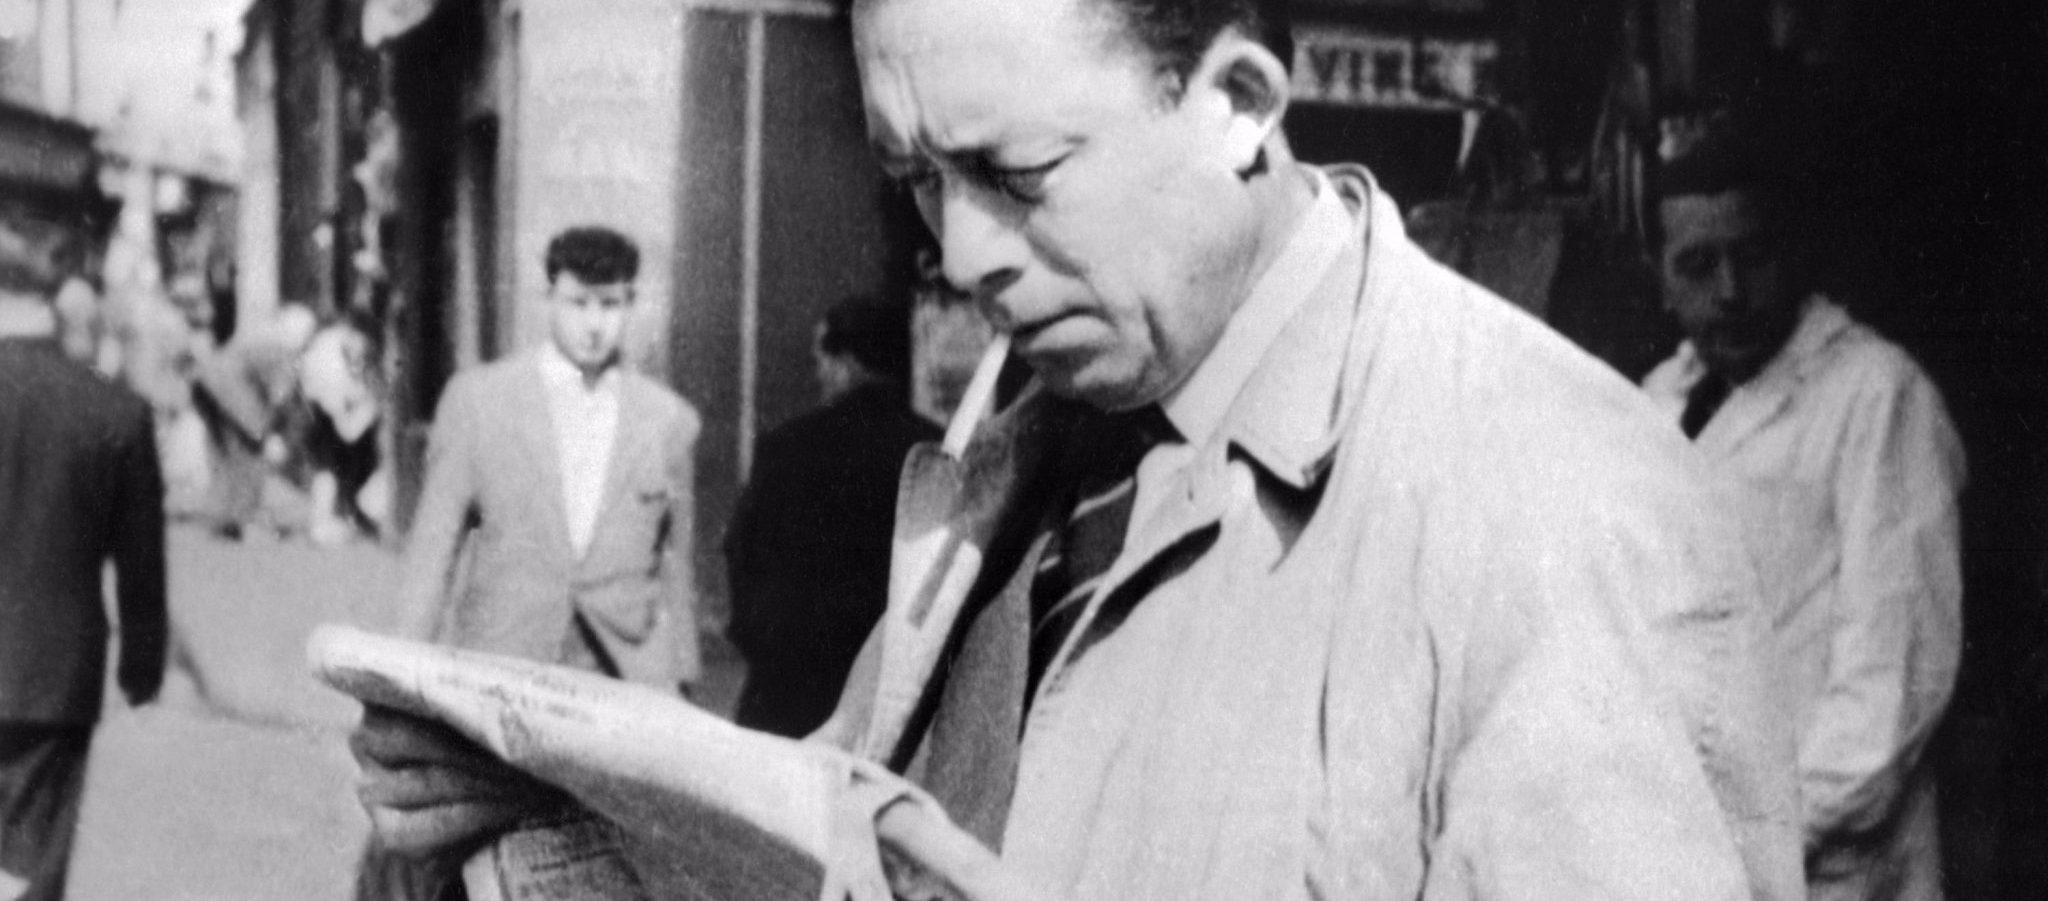 تحلیل رمان سقوط اثر آلبر کامو ۱۹۶۰-۱۹۱۳